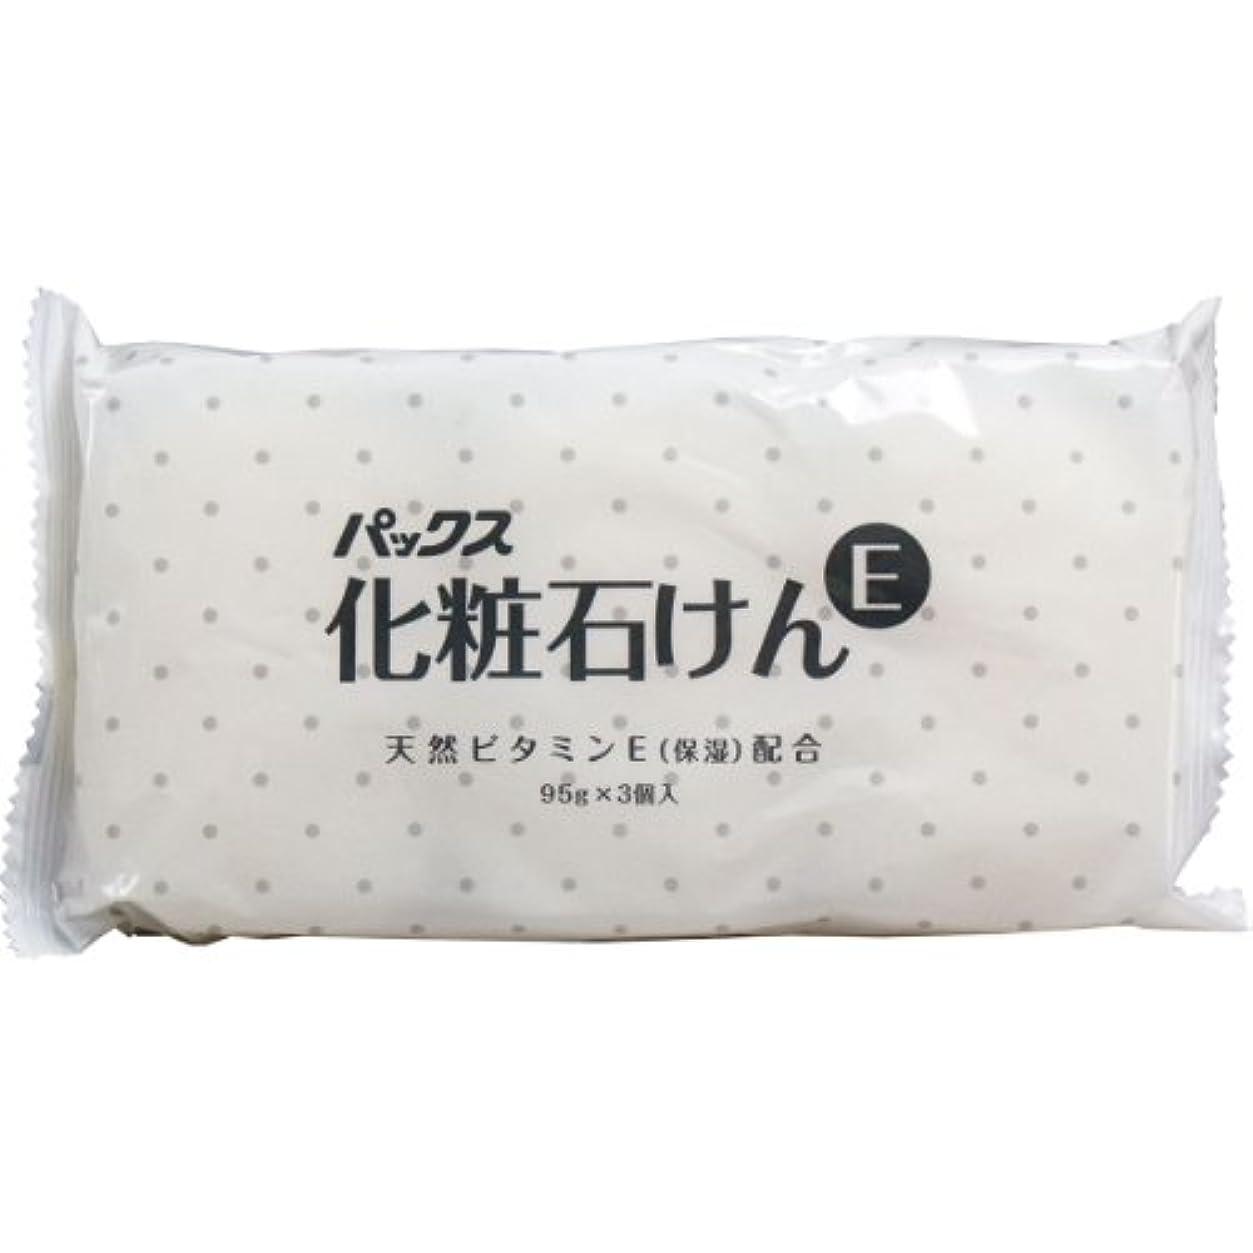 クリープコンサルタント変数パックス 化粧石けん (95G X3個入り)【6個パック】